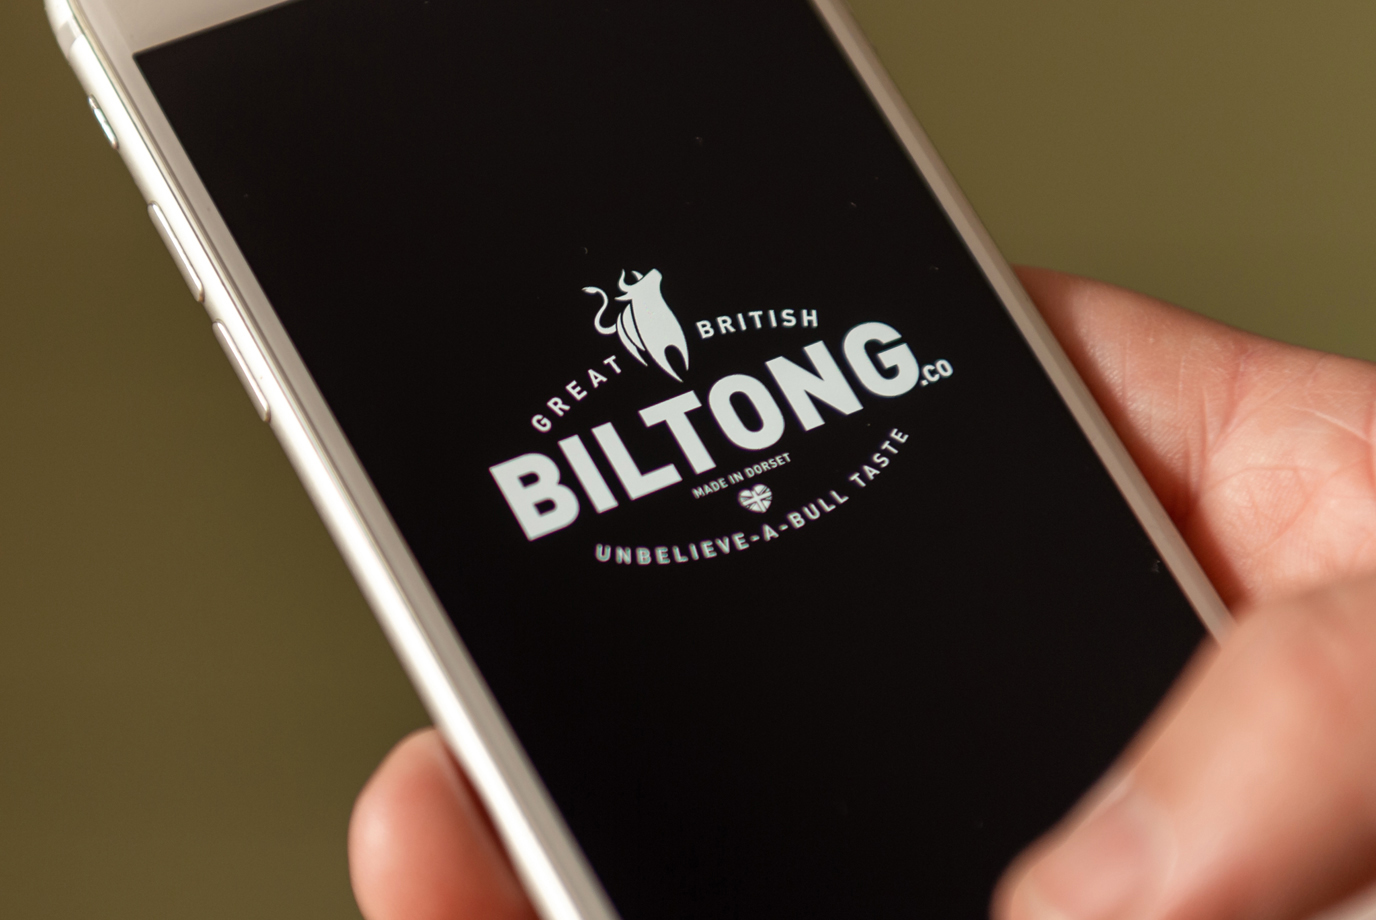 Billtong